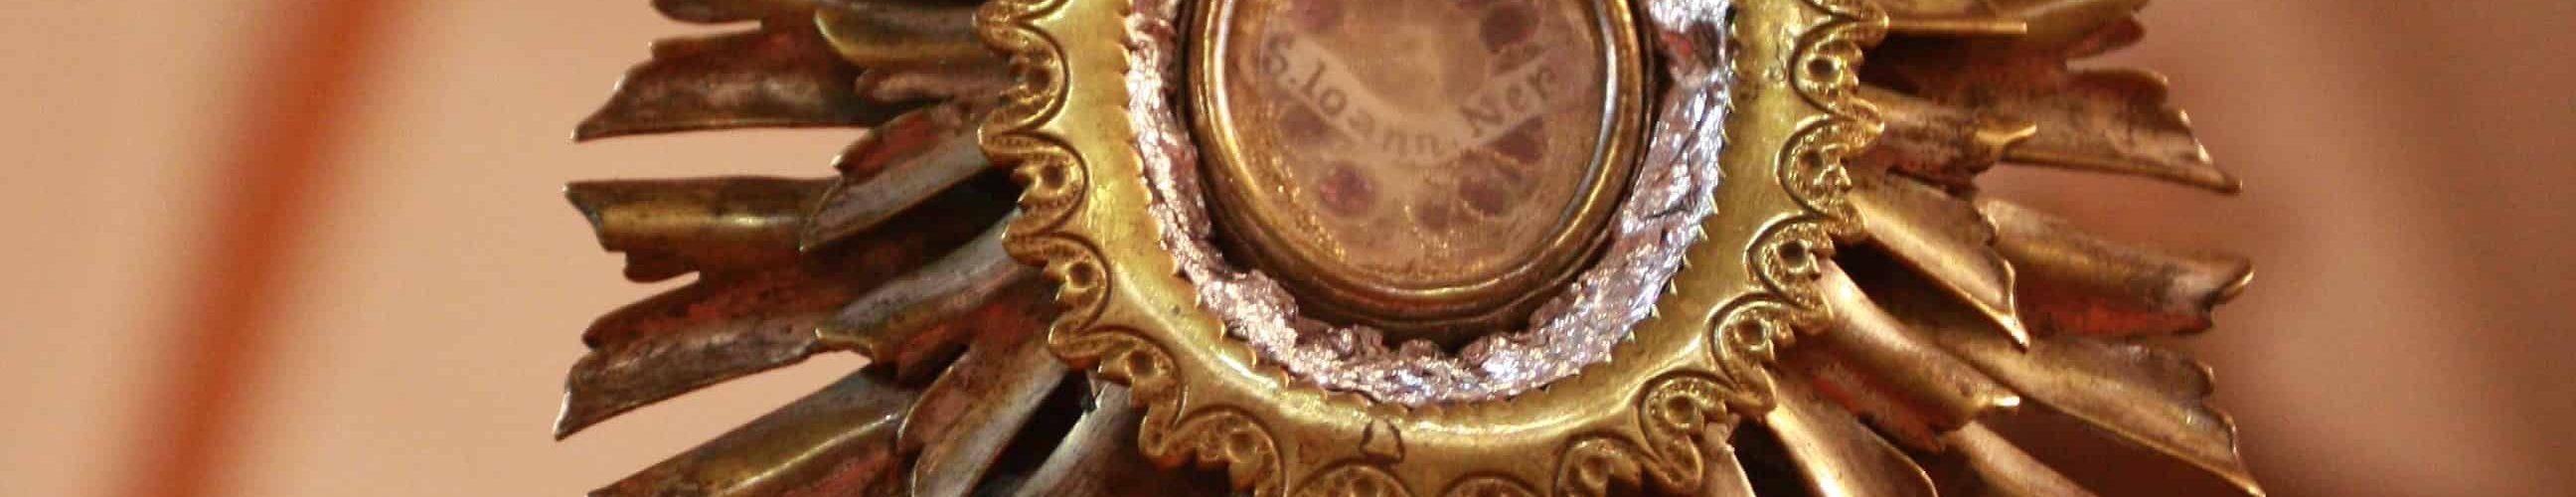 relikvia nepomucky markusovce